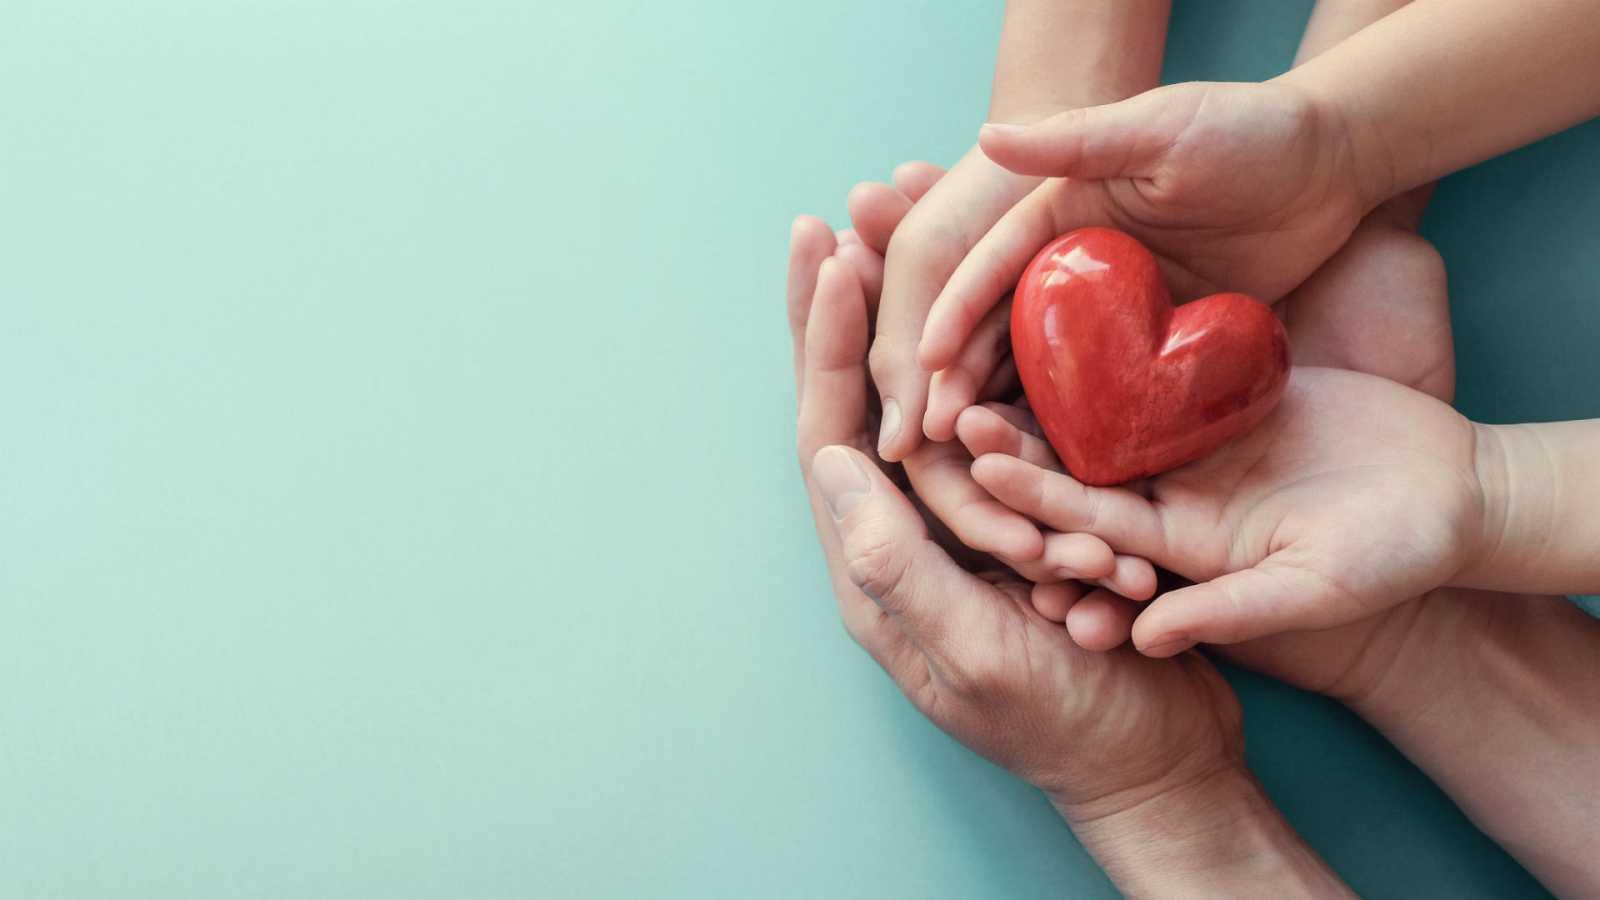 España, a la cabeza en donación y trasplantes de órganos